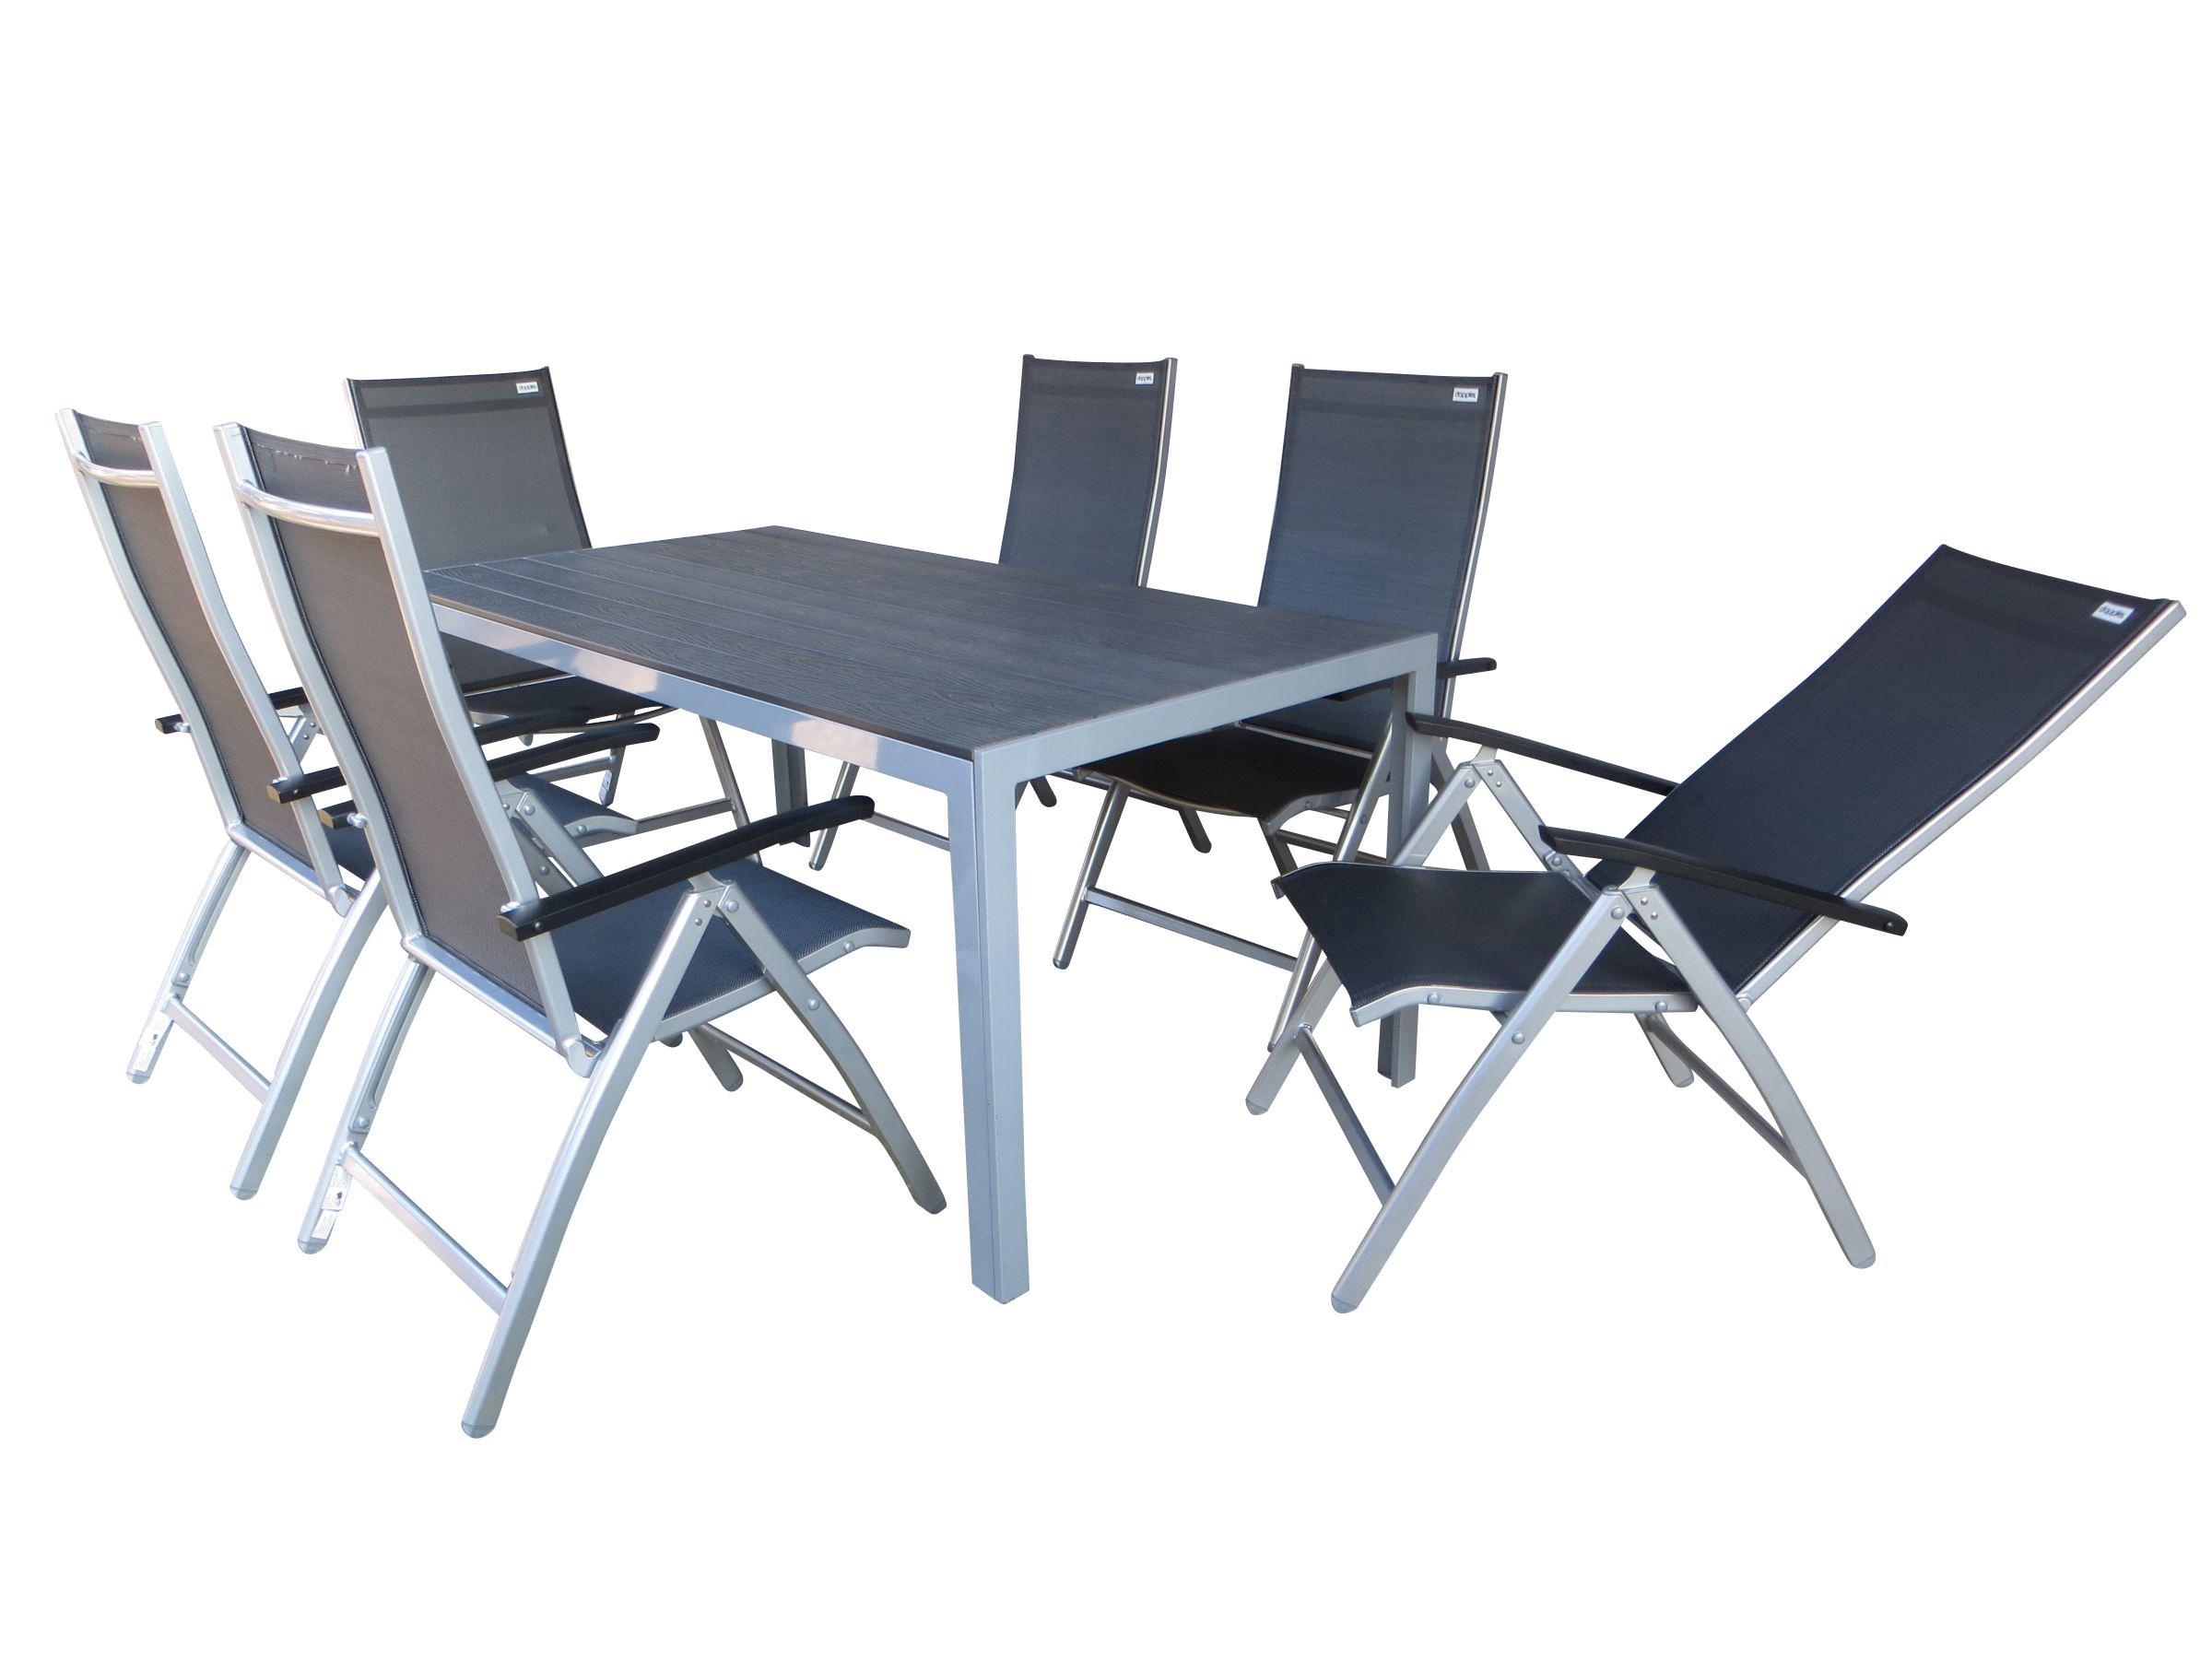 natal xl alu gartenm bel set sitzgarnitur 7 tlg silber. Black Bedroom Furniture Sets. Home Design Ideas